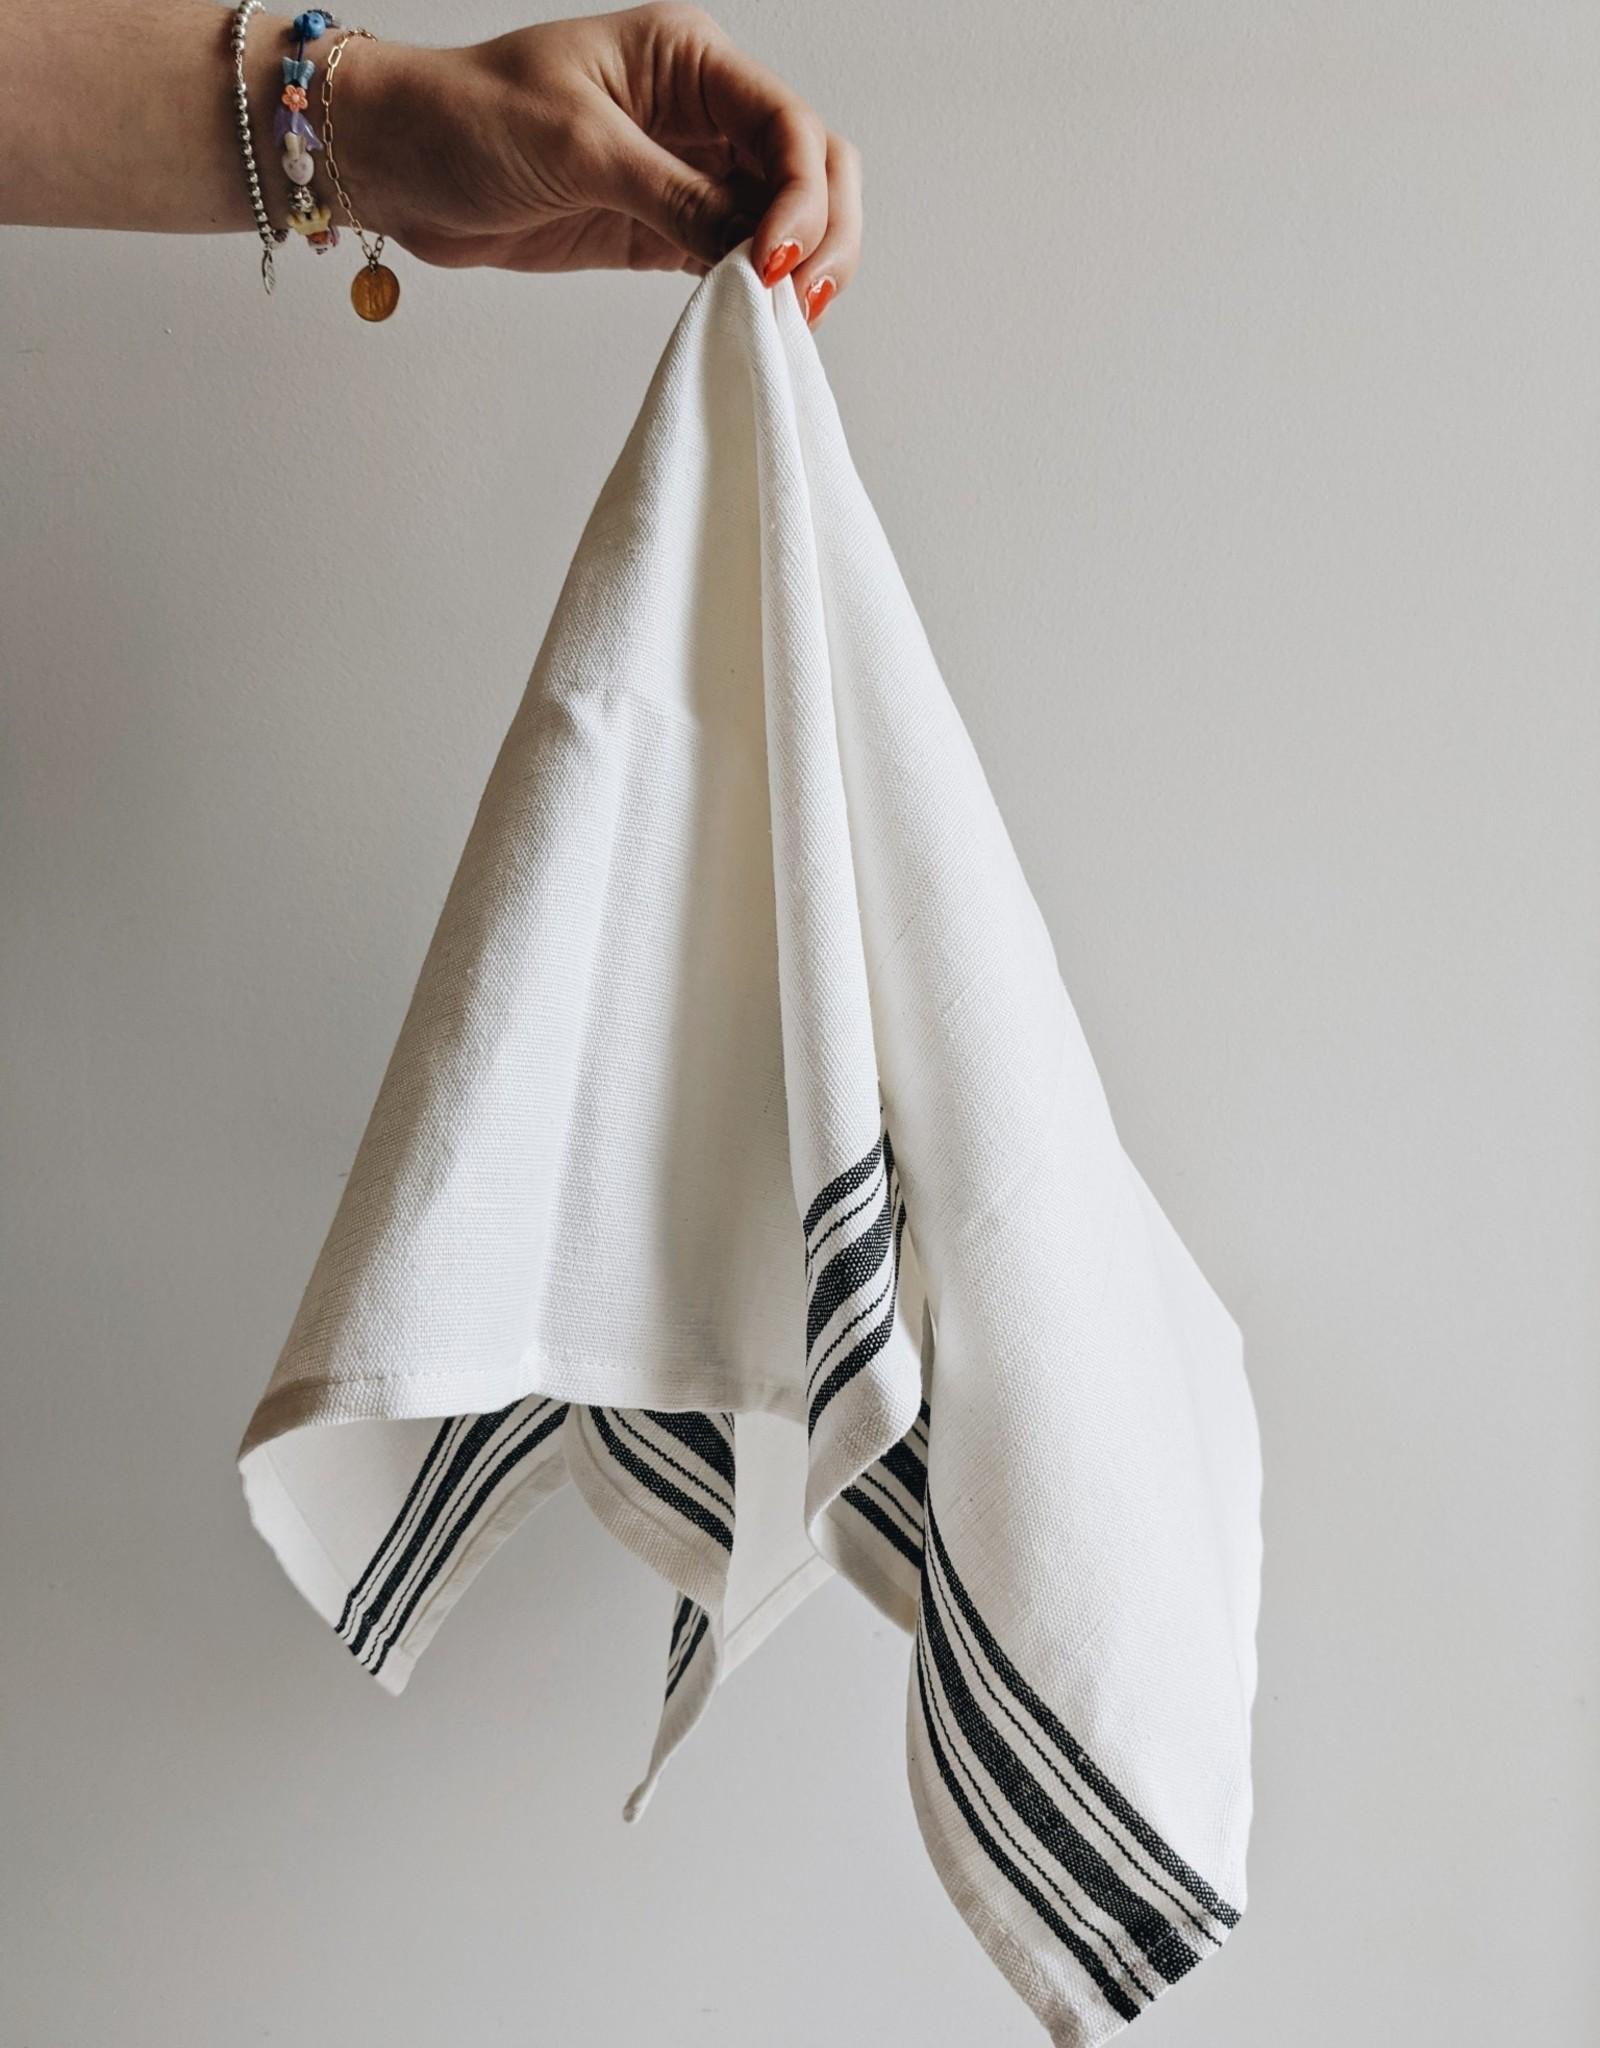 Maske Dishclothes Linen/Coton - Black